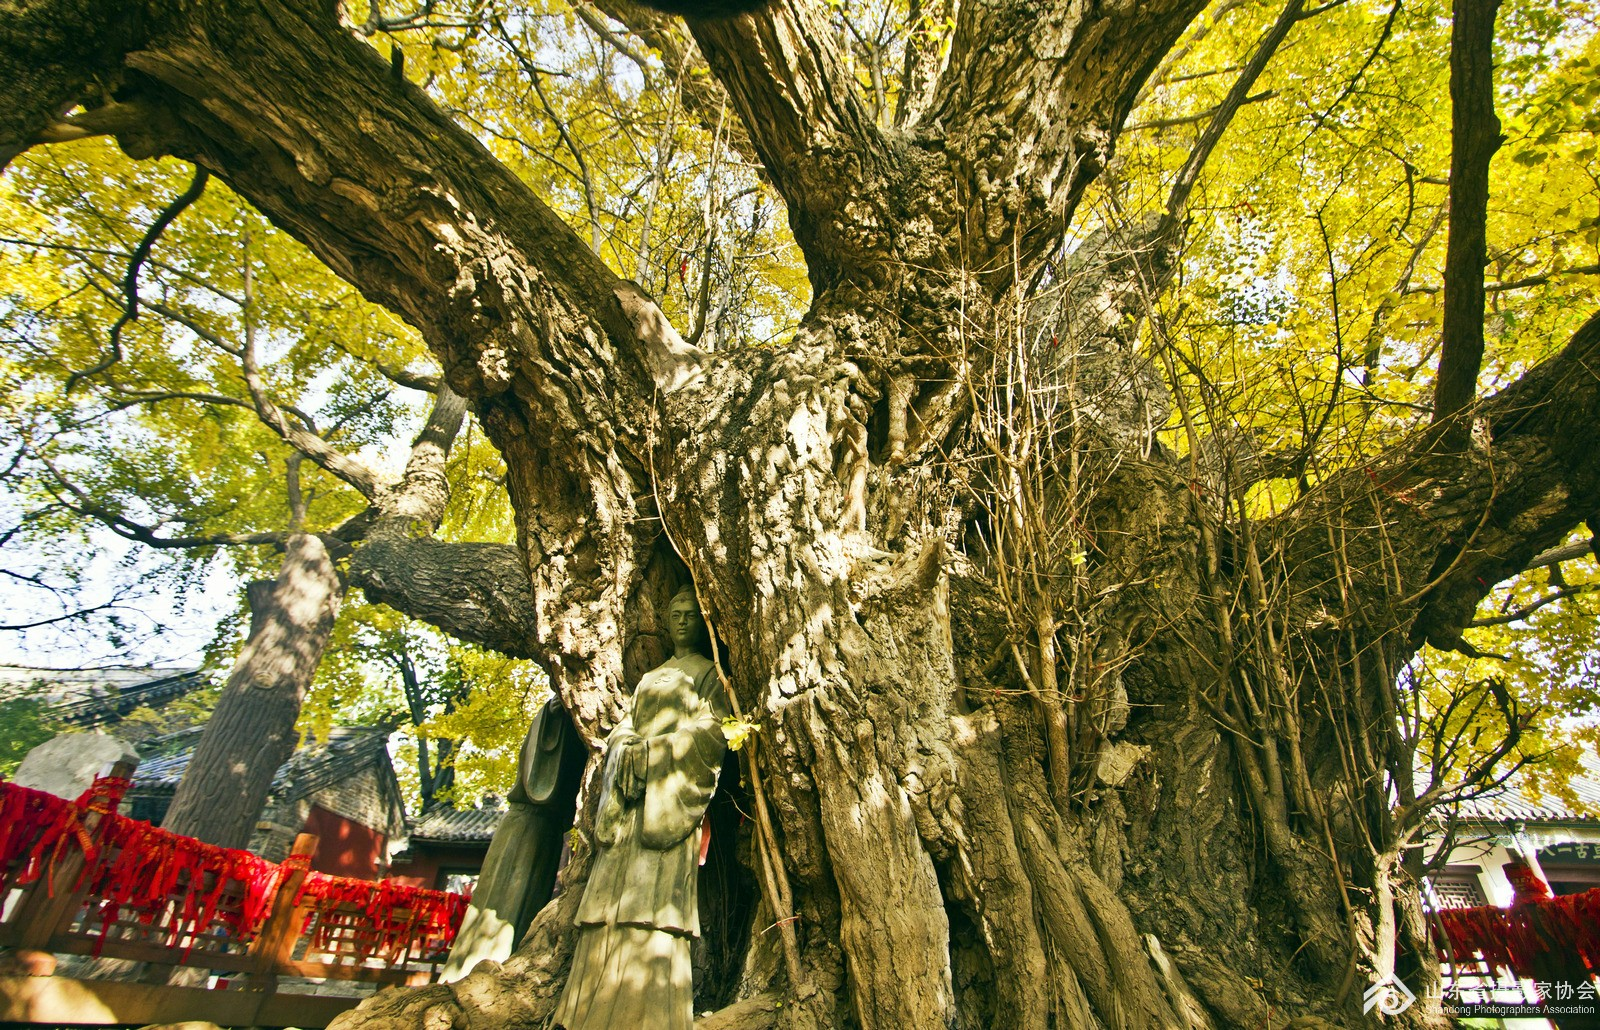 浮来山天下第一银杏树